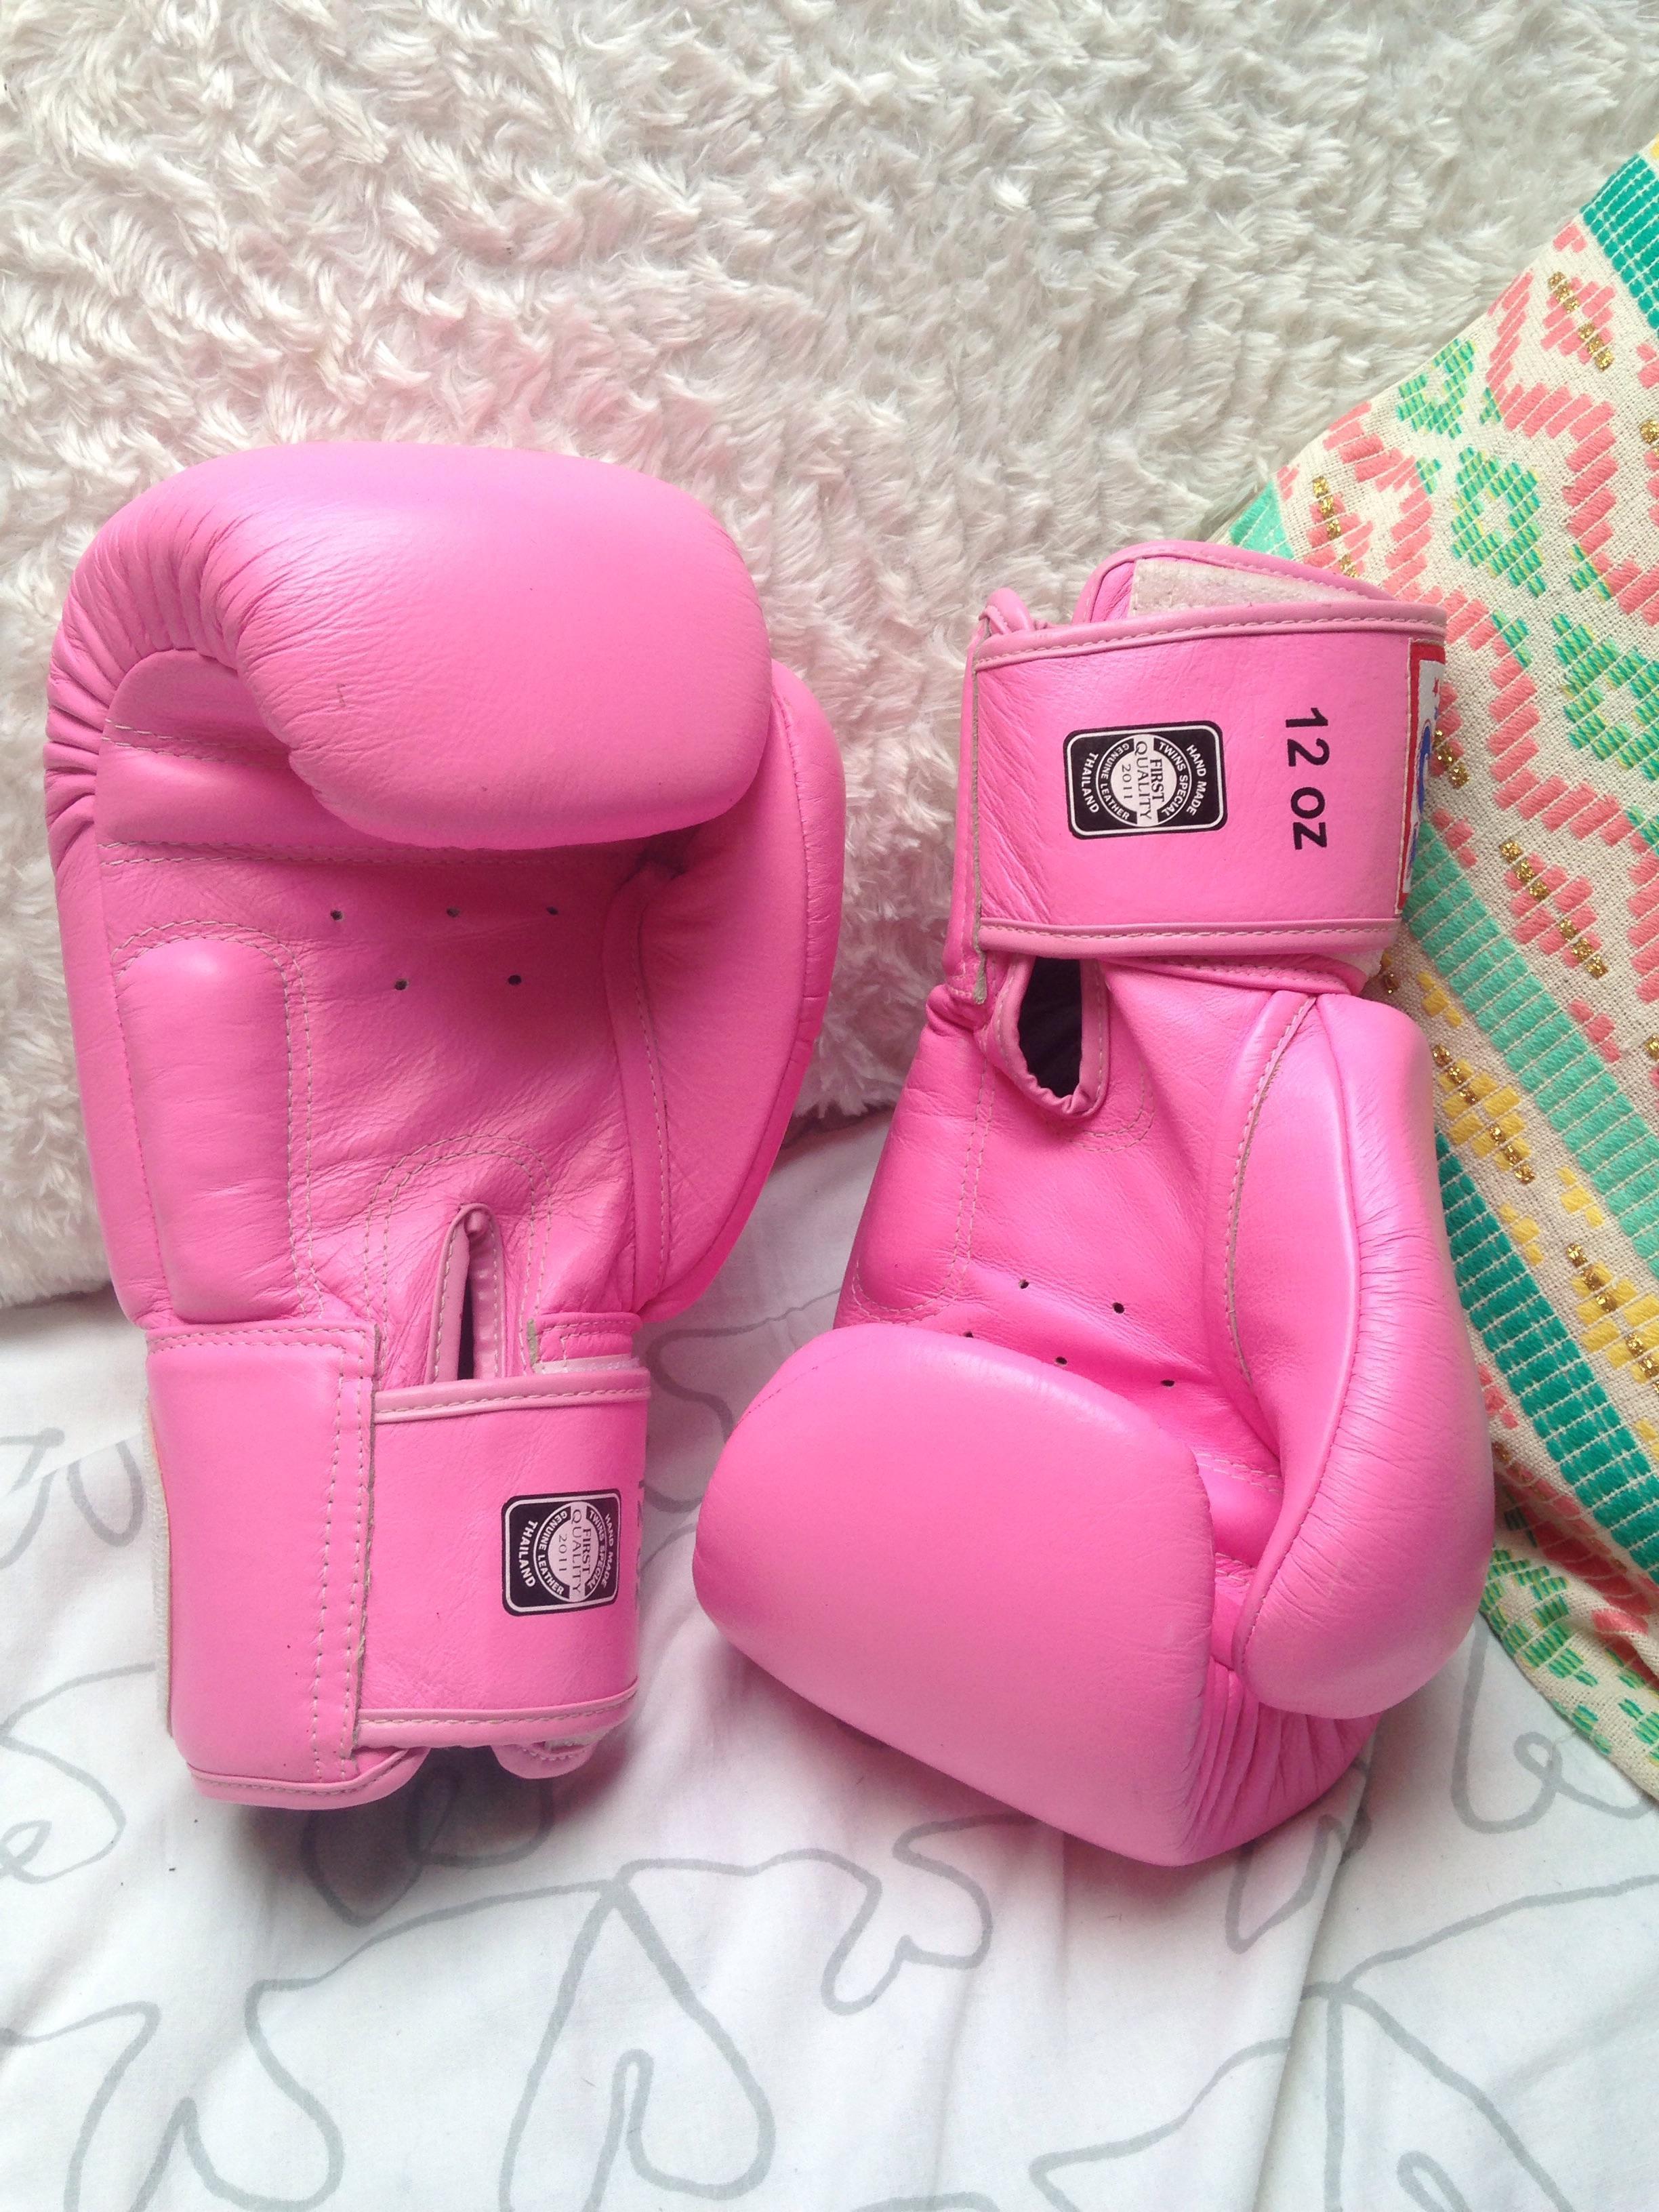 troc de troc gants de boxe image 1